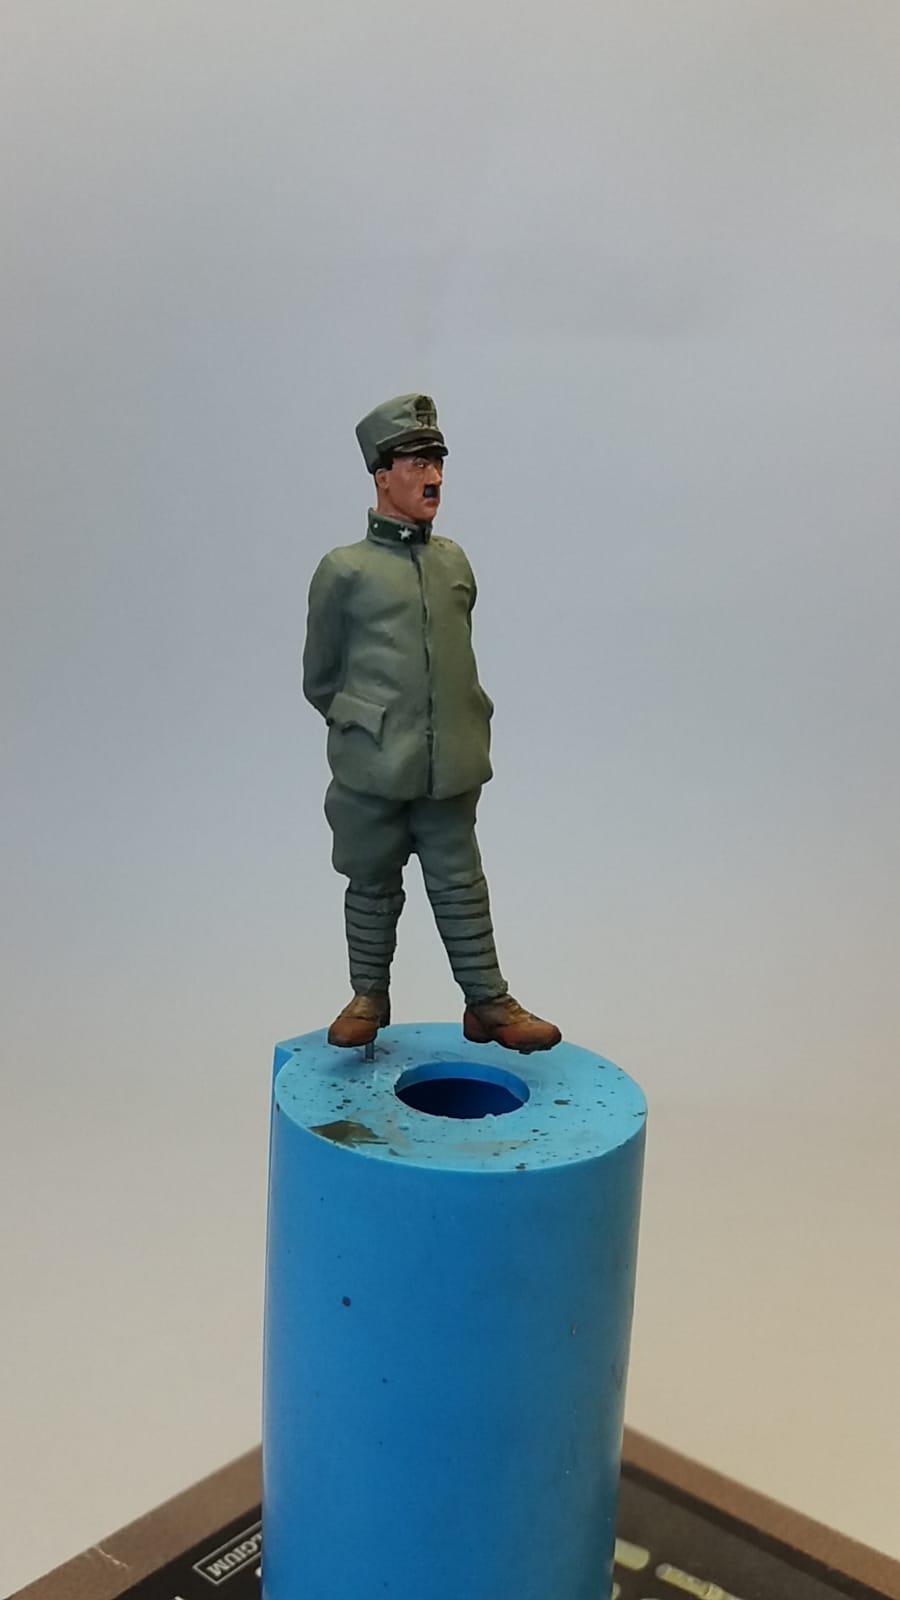 Figurino in scala 1/35